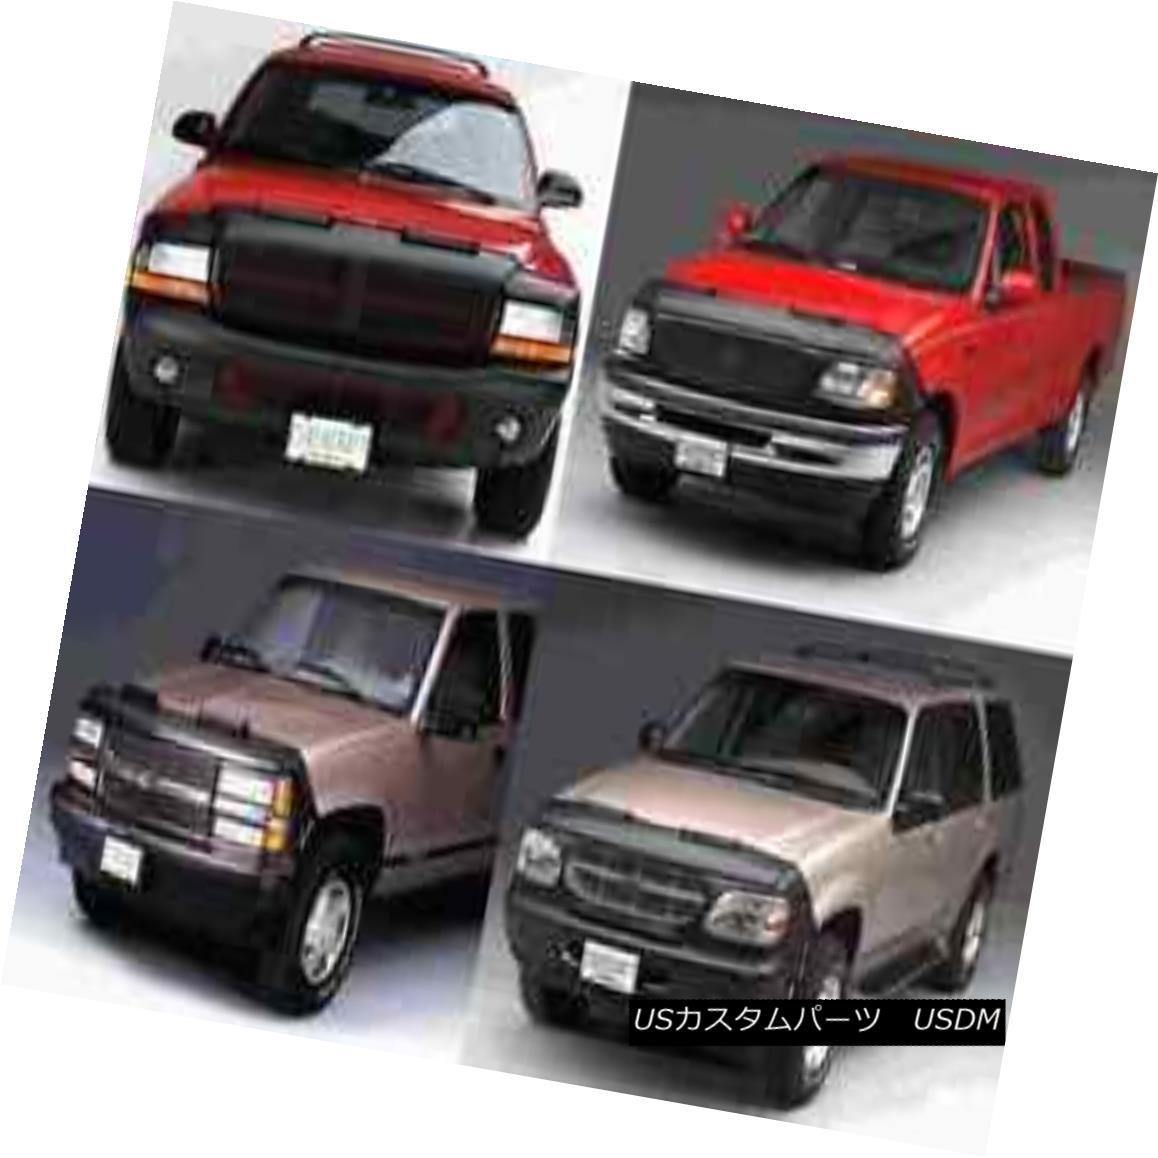 フルブラ ノーズブラ Lebra Front End Mask Cover Bra Fits 2002-2003 02 03 Mazda MPV With GFX Package Lebraフロントエンドマスクカバーブラは2002-2003に適合02 03 GFXパッケージ付きマツダMPV